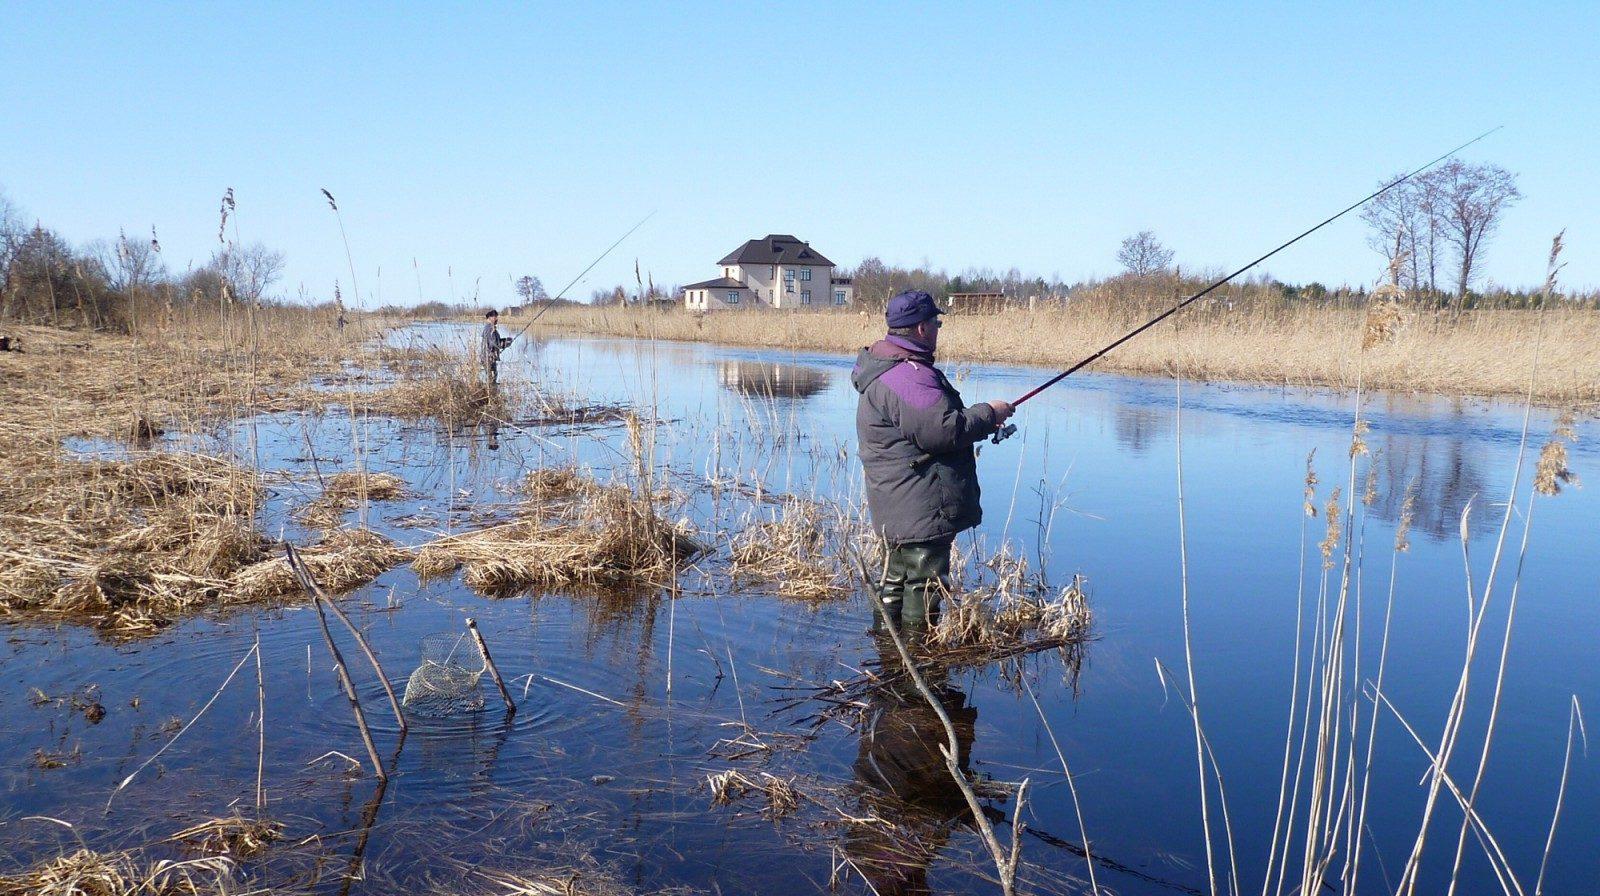 Рыбаки с удочками на рыбалки